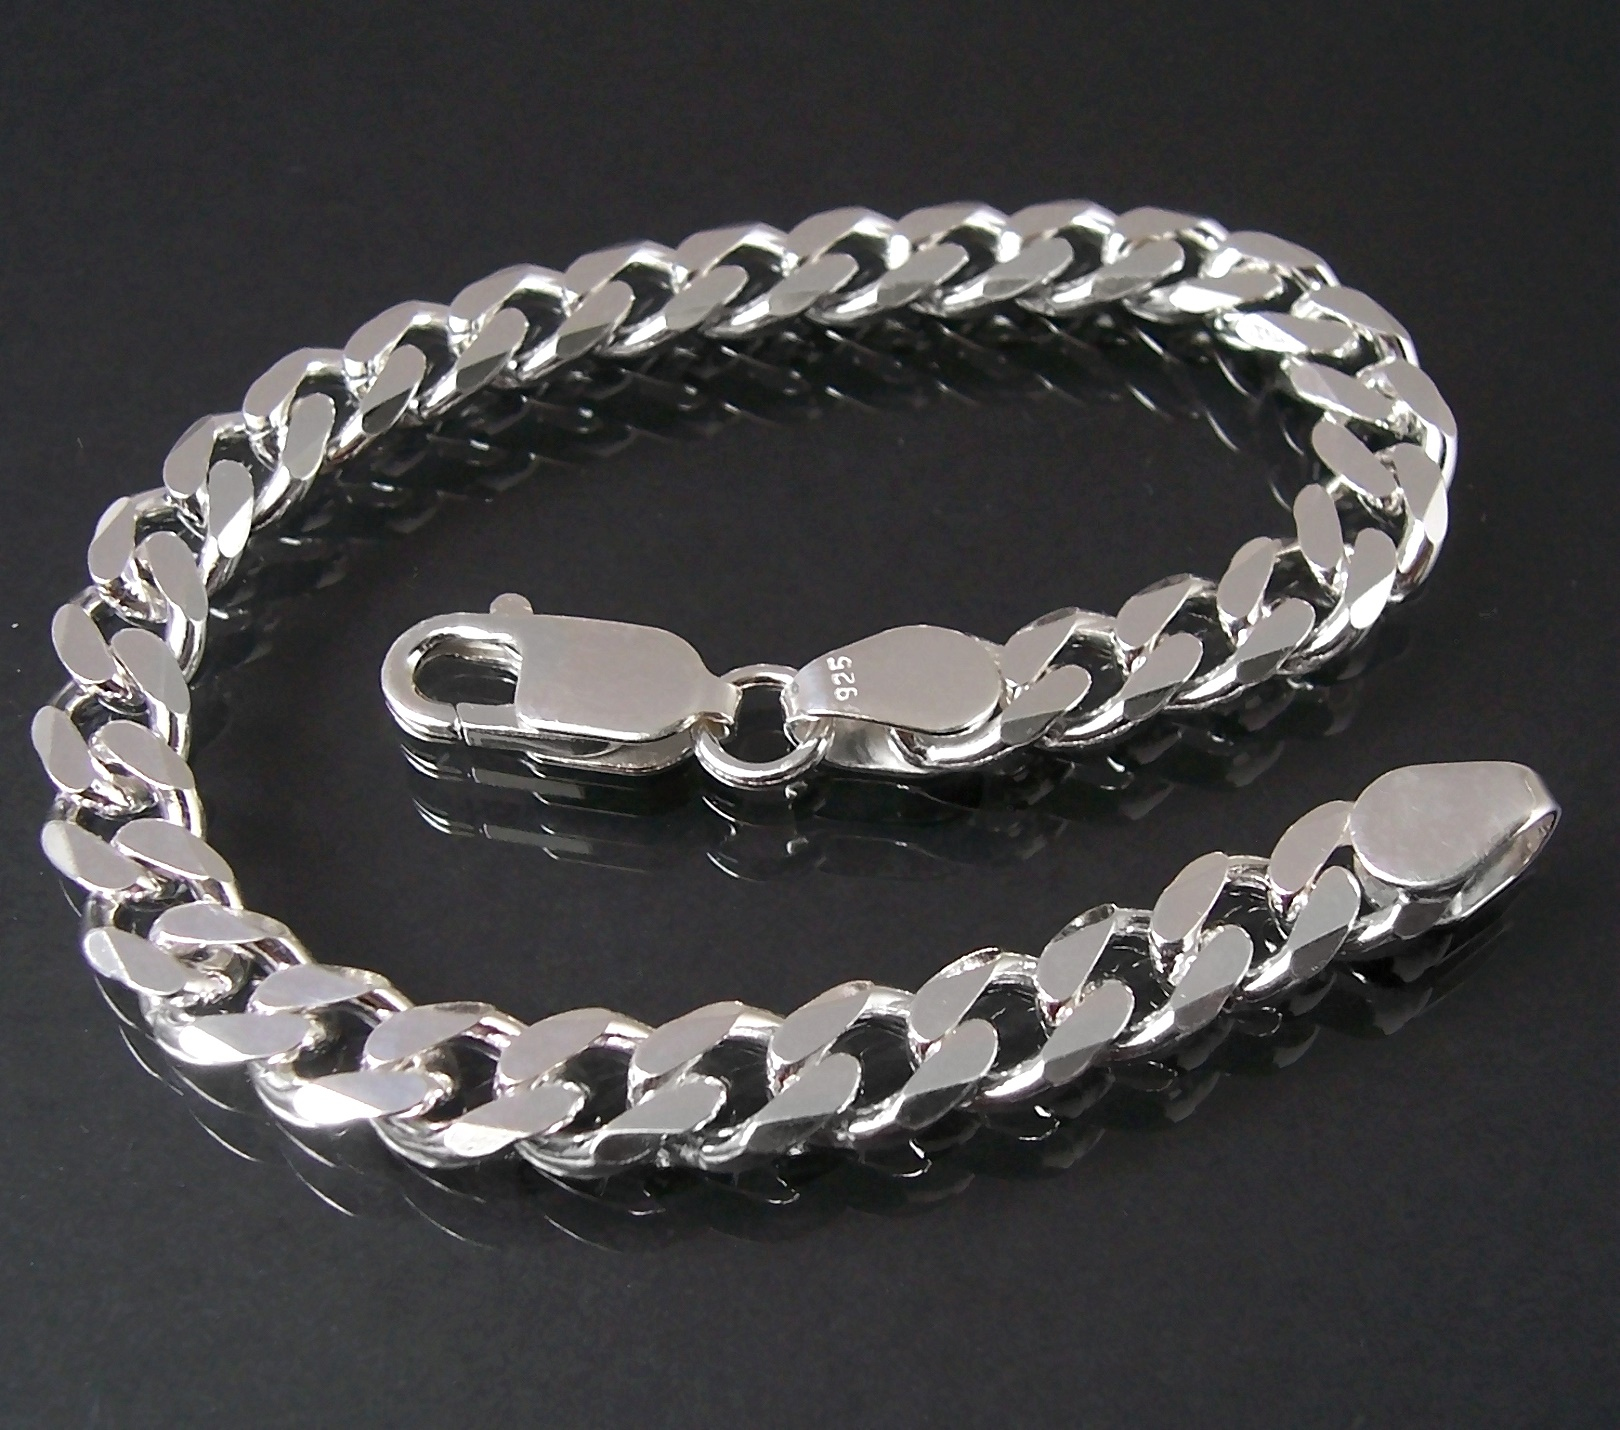 Silberarmband Panzerarmband 925 Silber 7,3mm Schmuck 21cm 13573-21